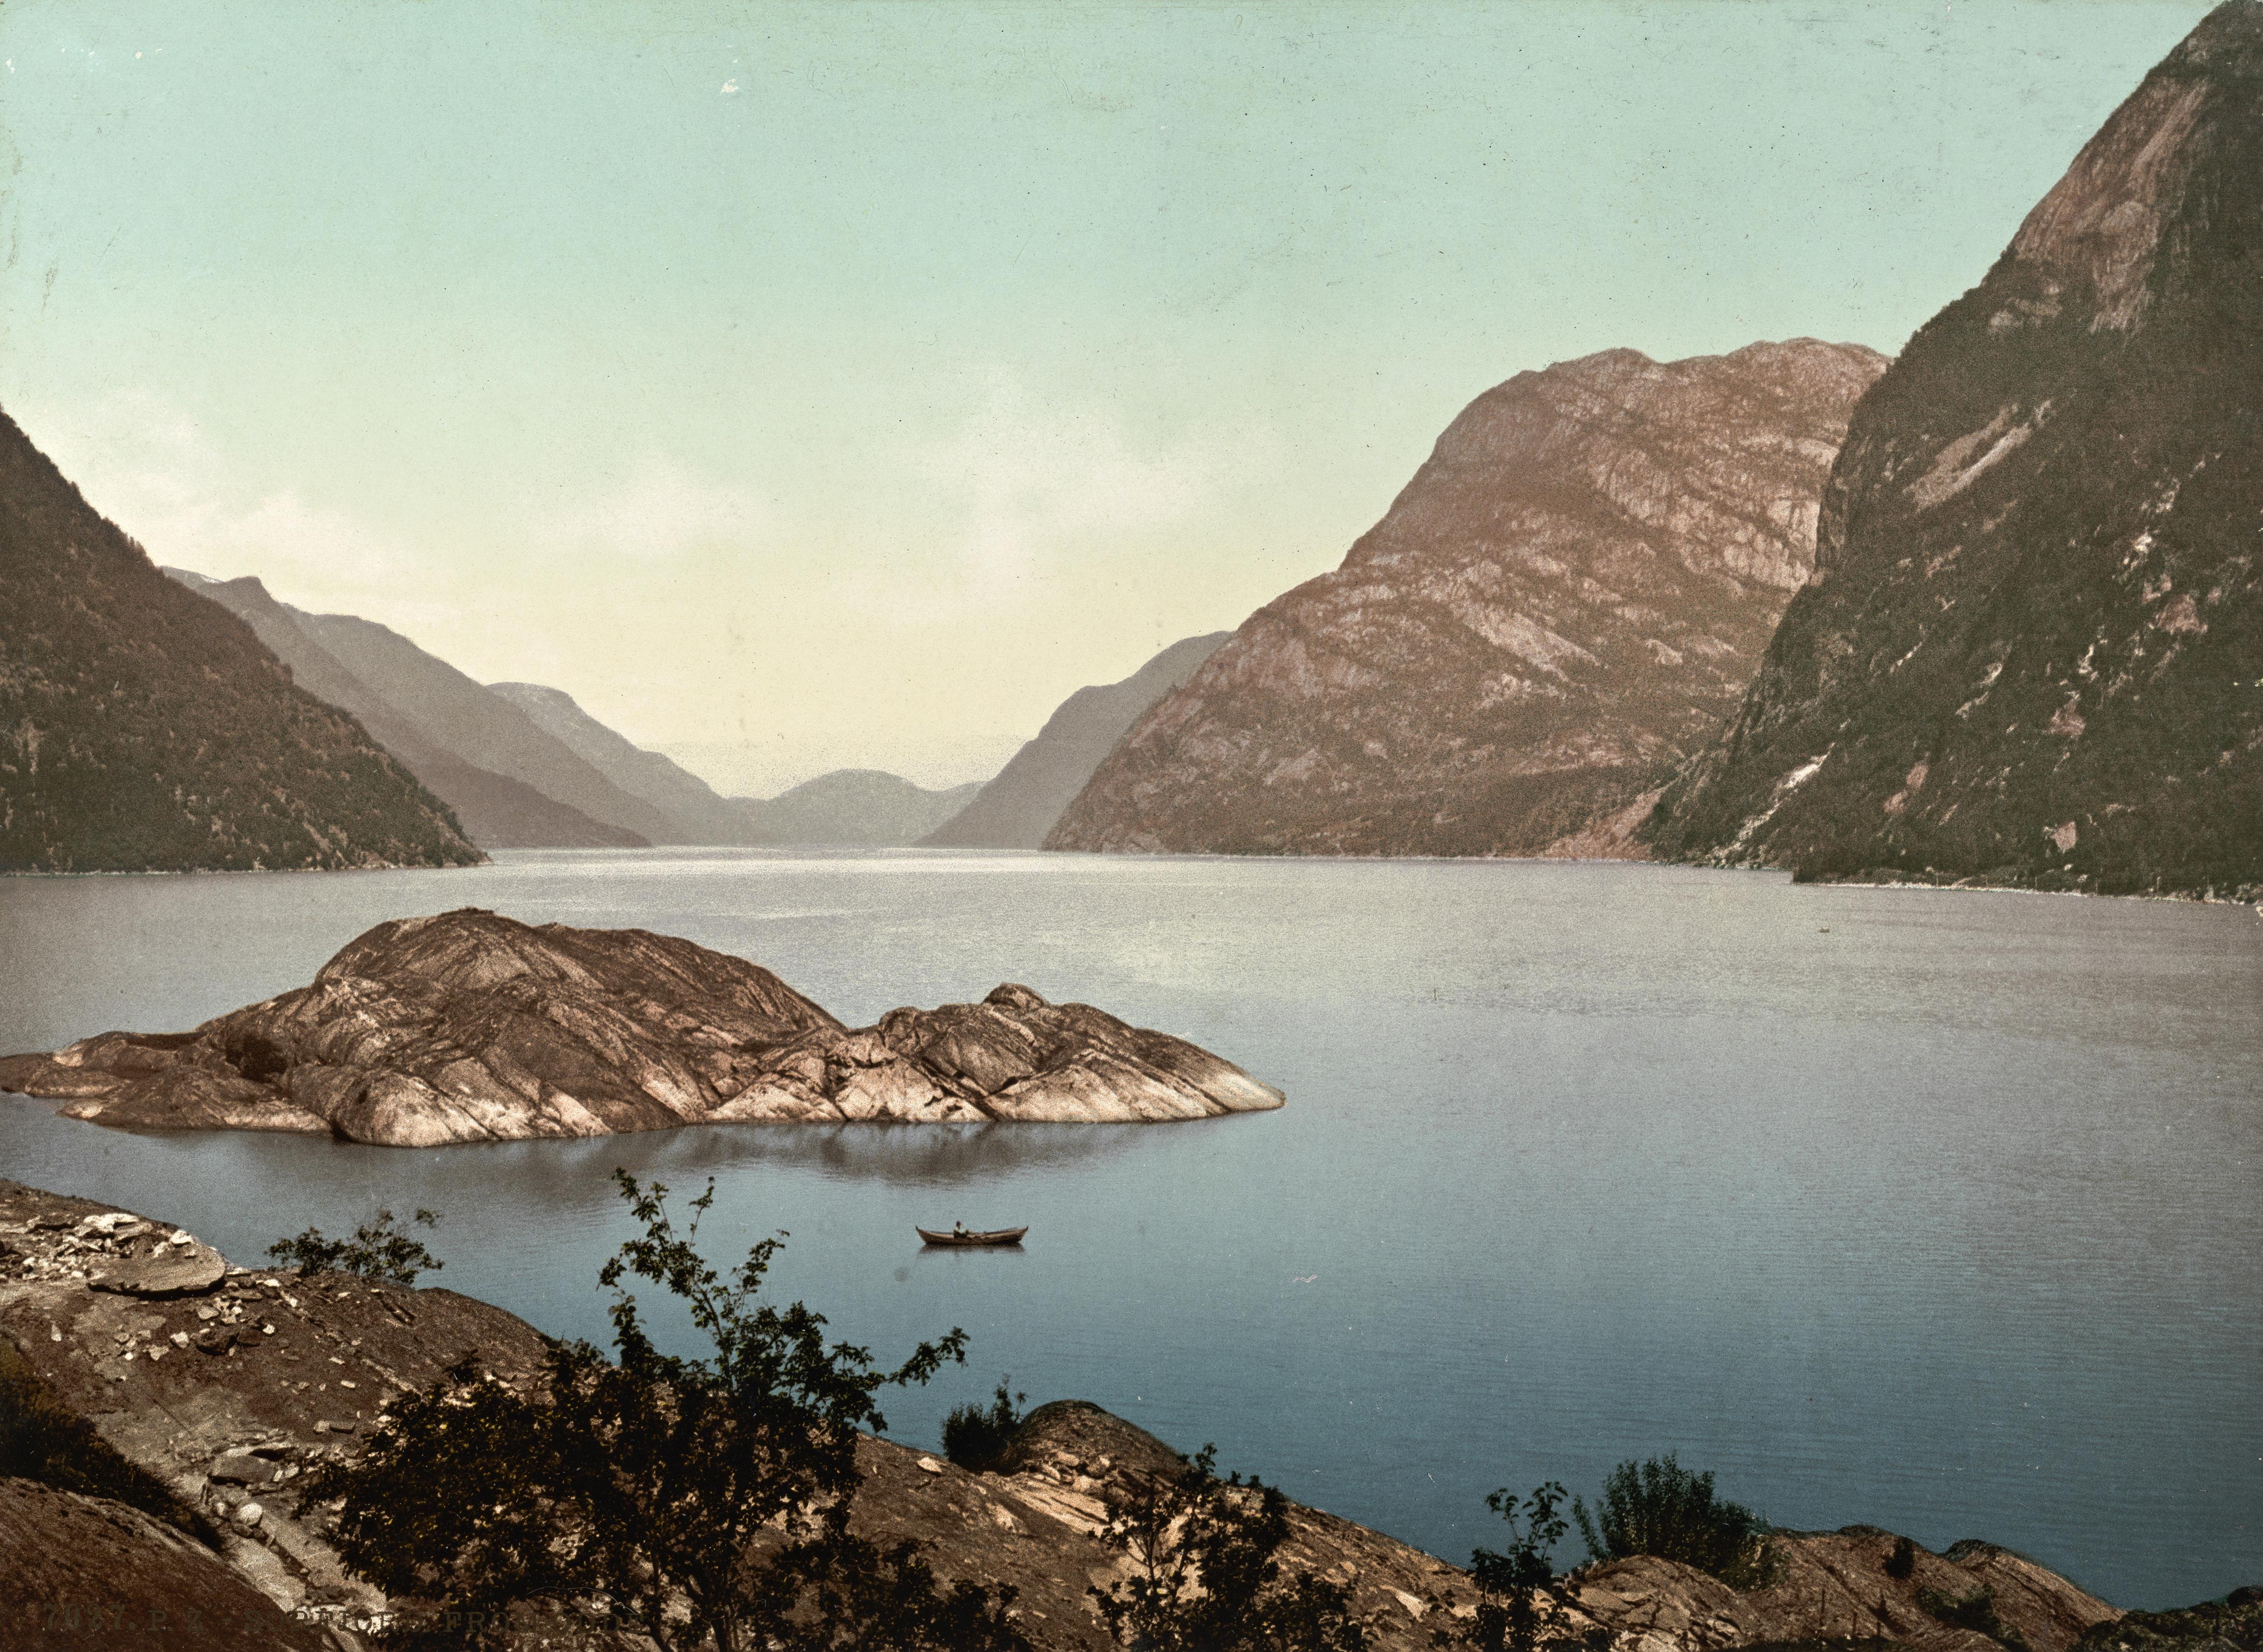 7027. P. Z. Sofjord from Odde